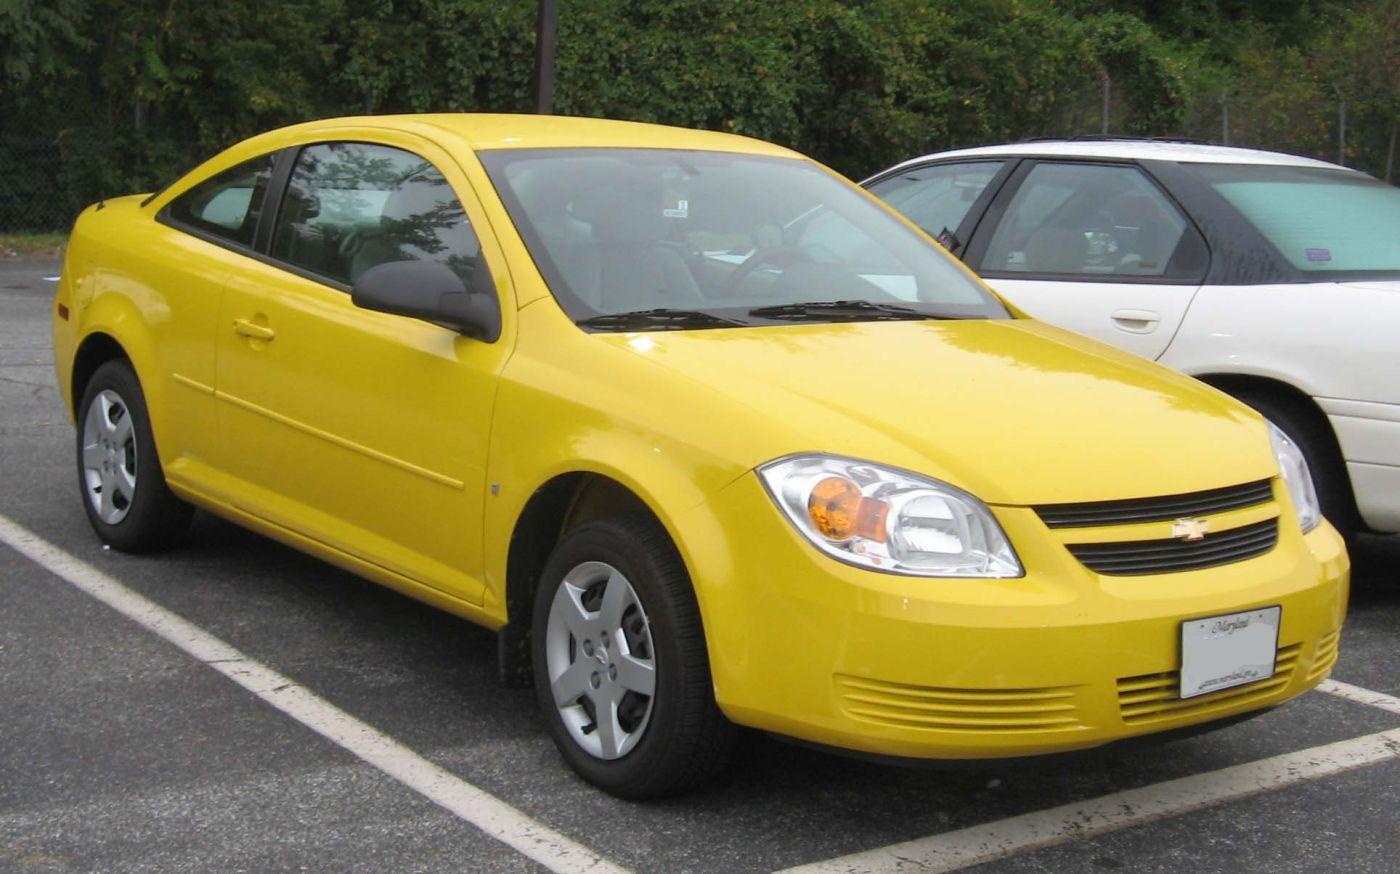 06-Chevrolet-Cobalt-Coupe_1.jpg